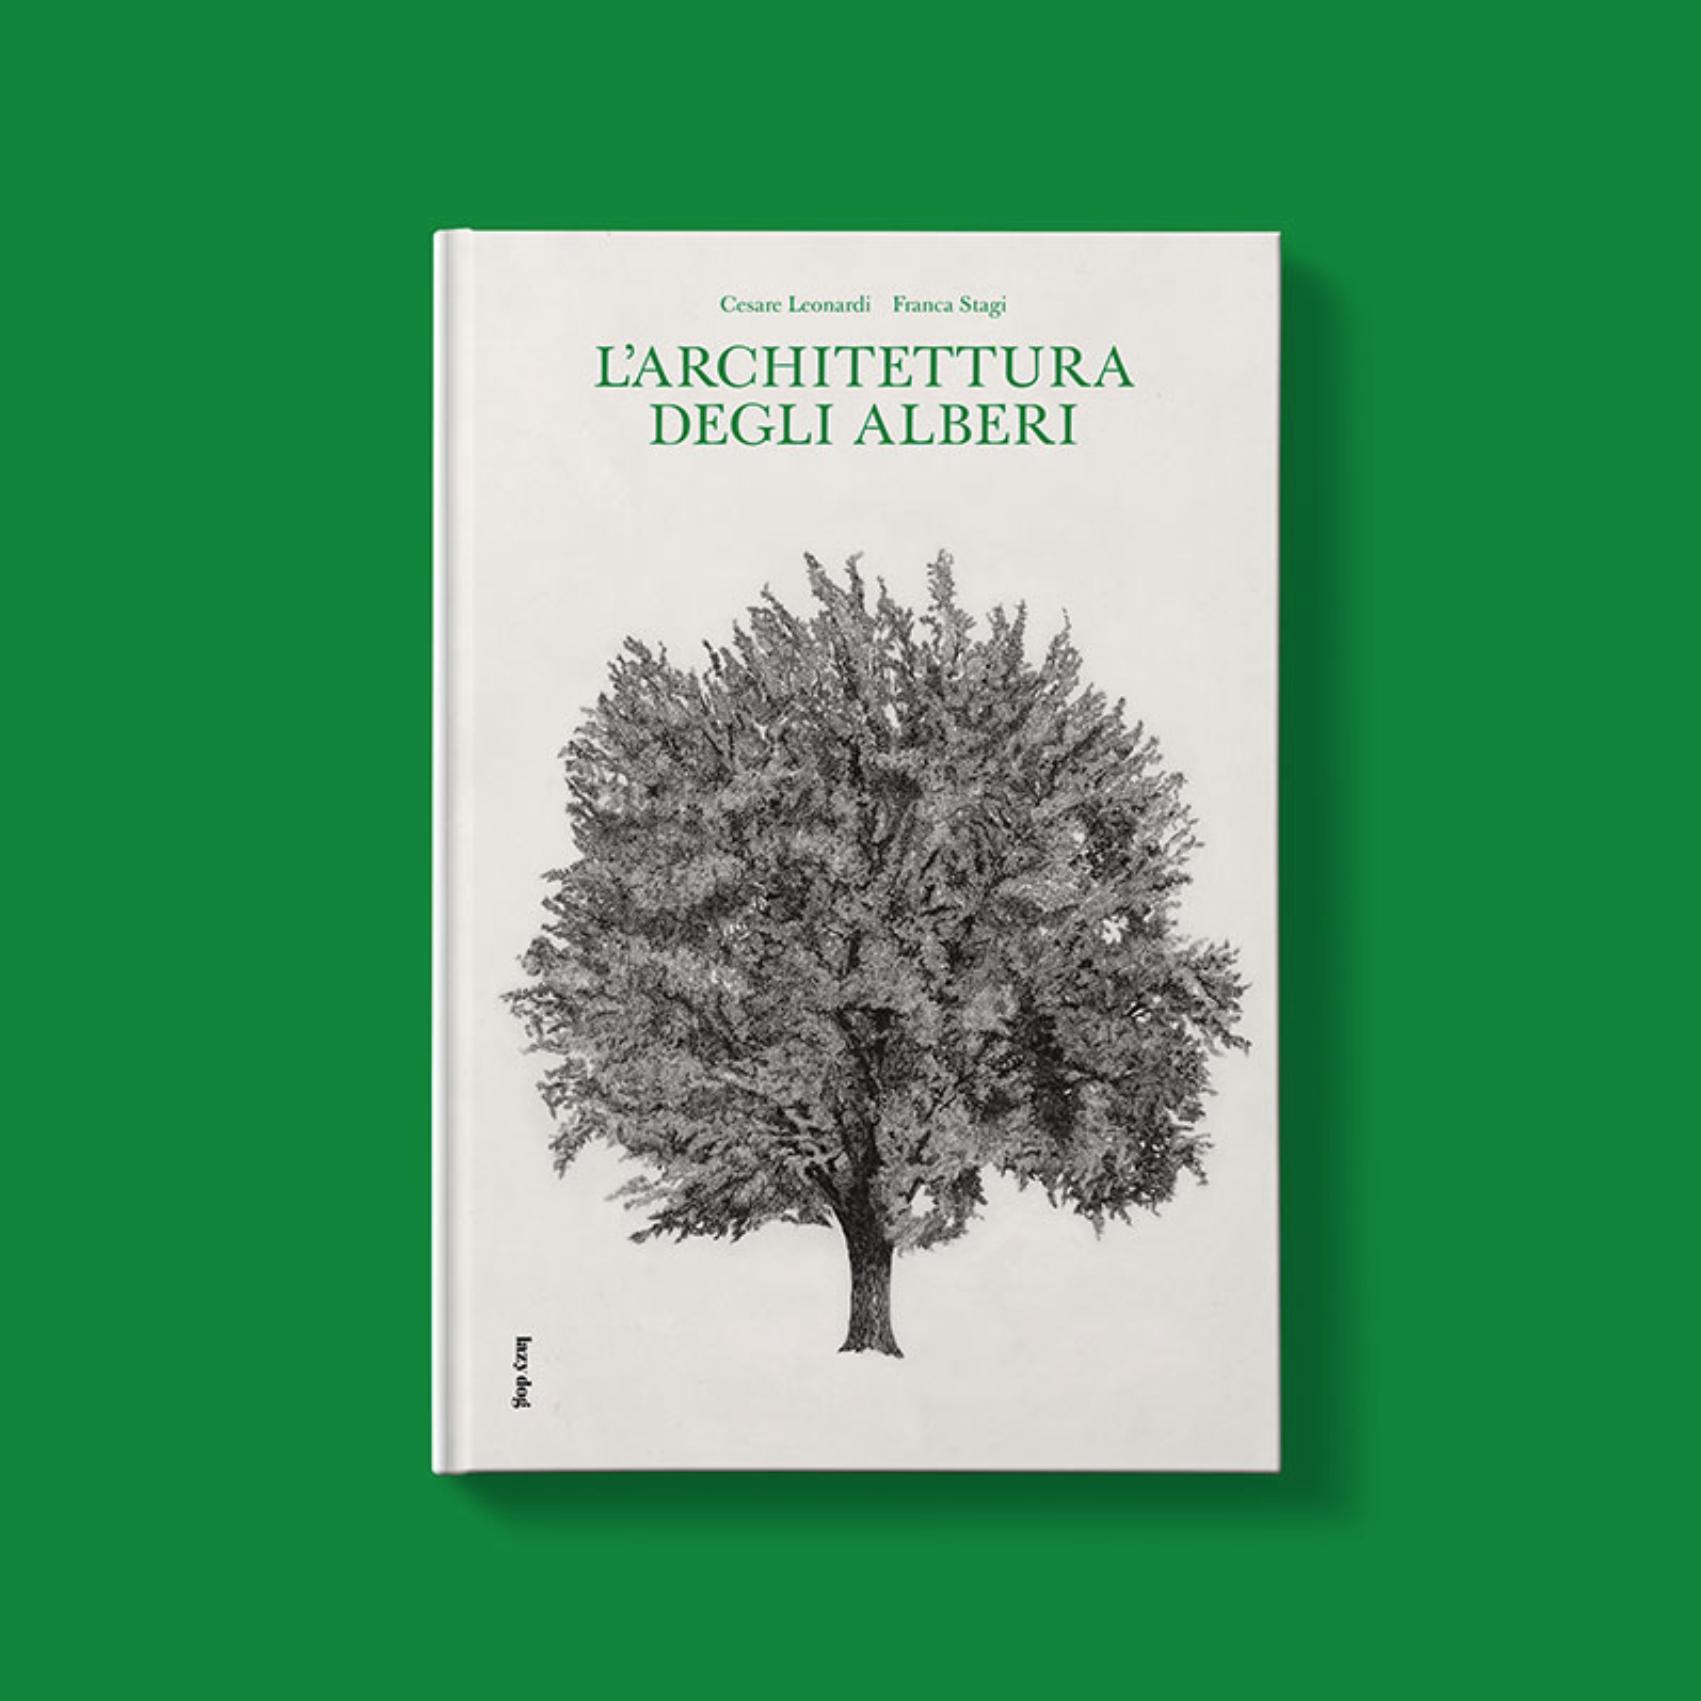 l'architettura degli alberi.png